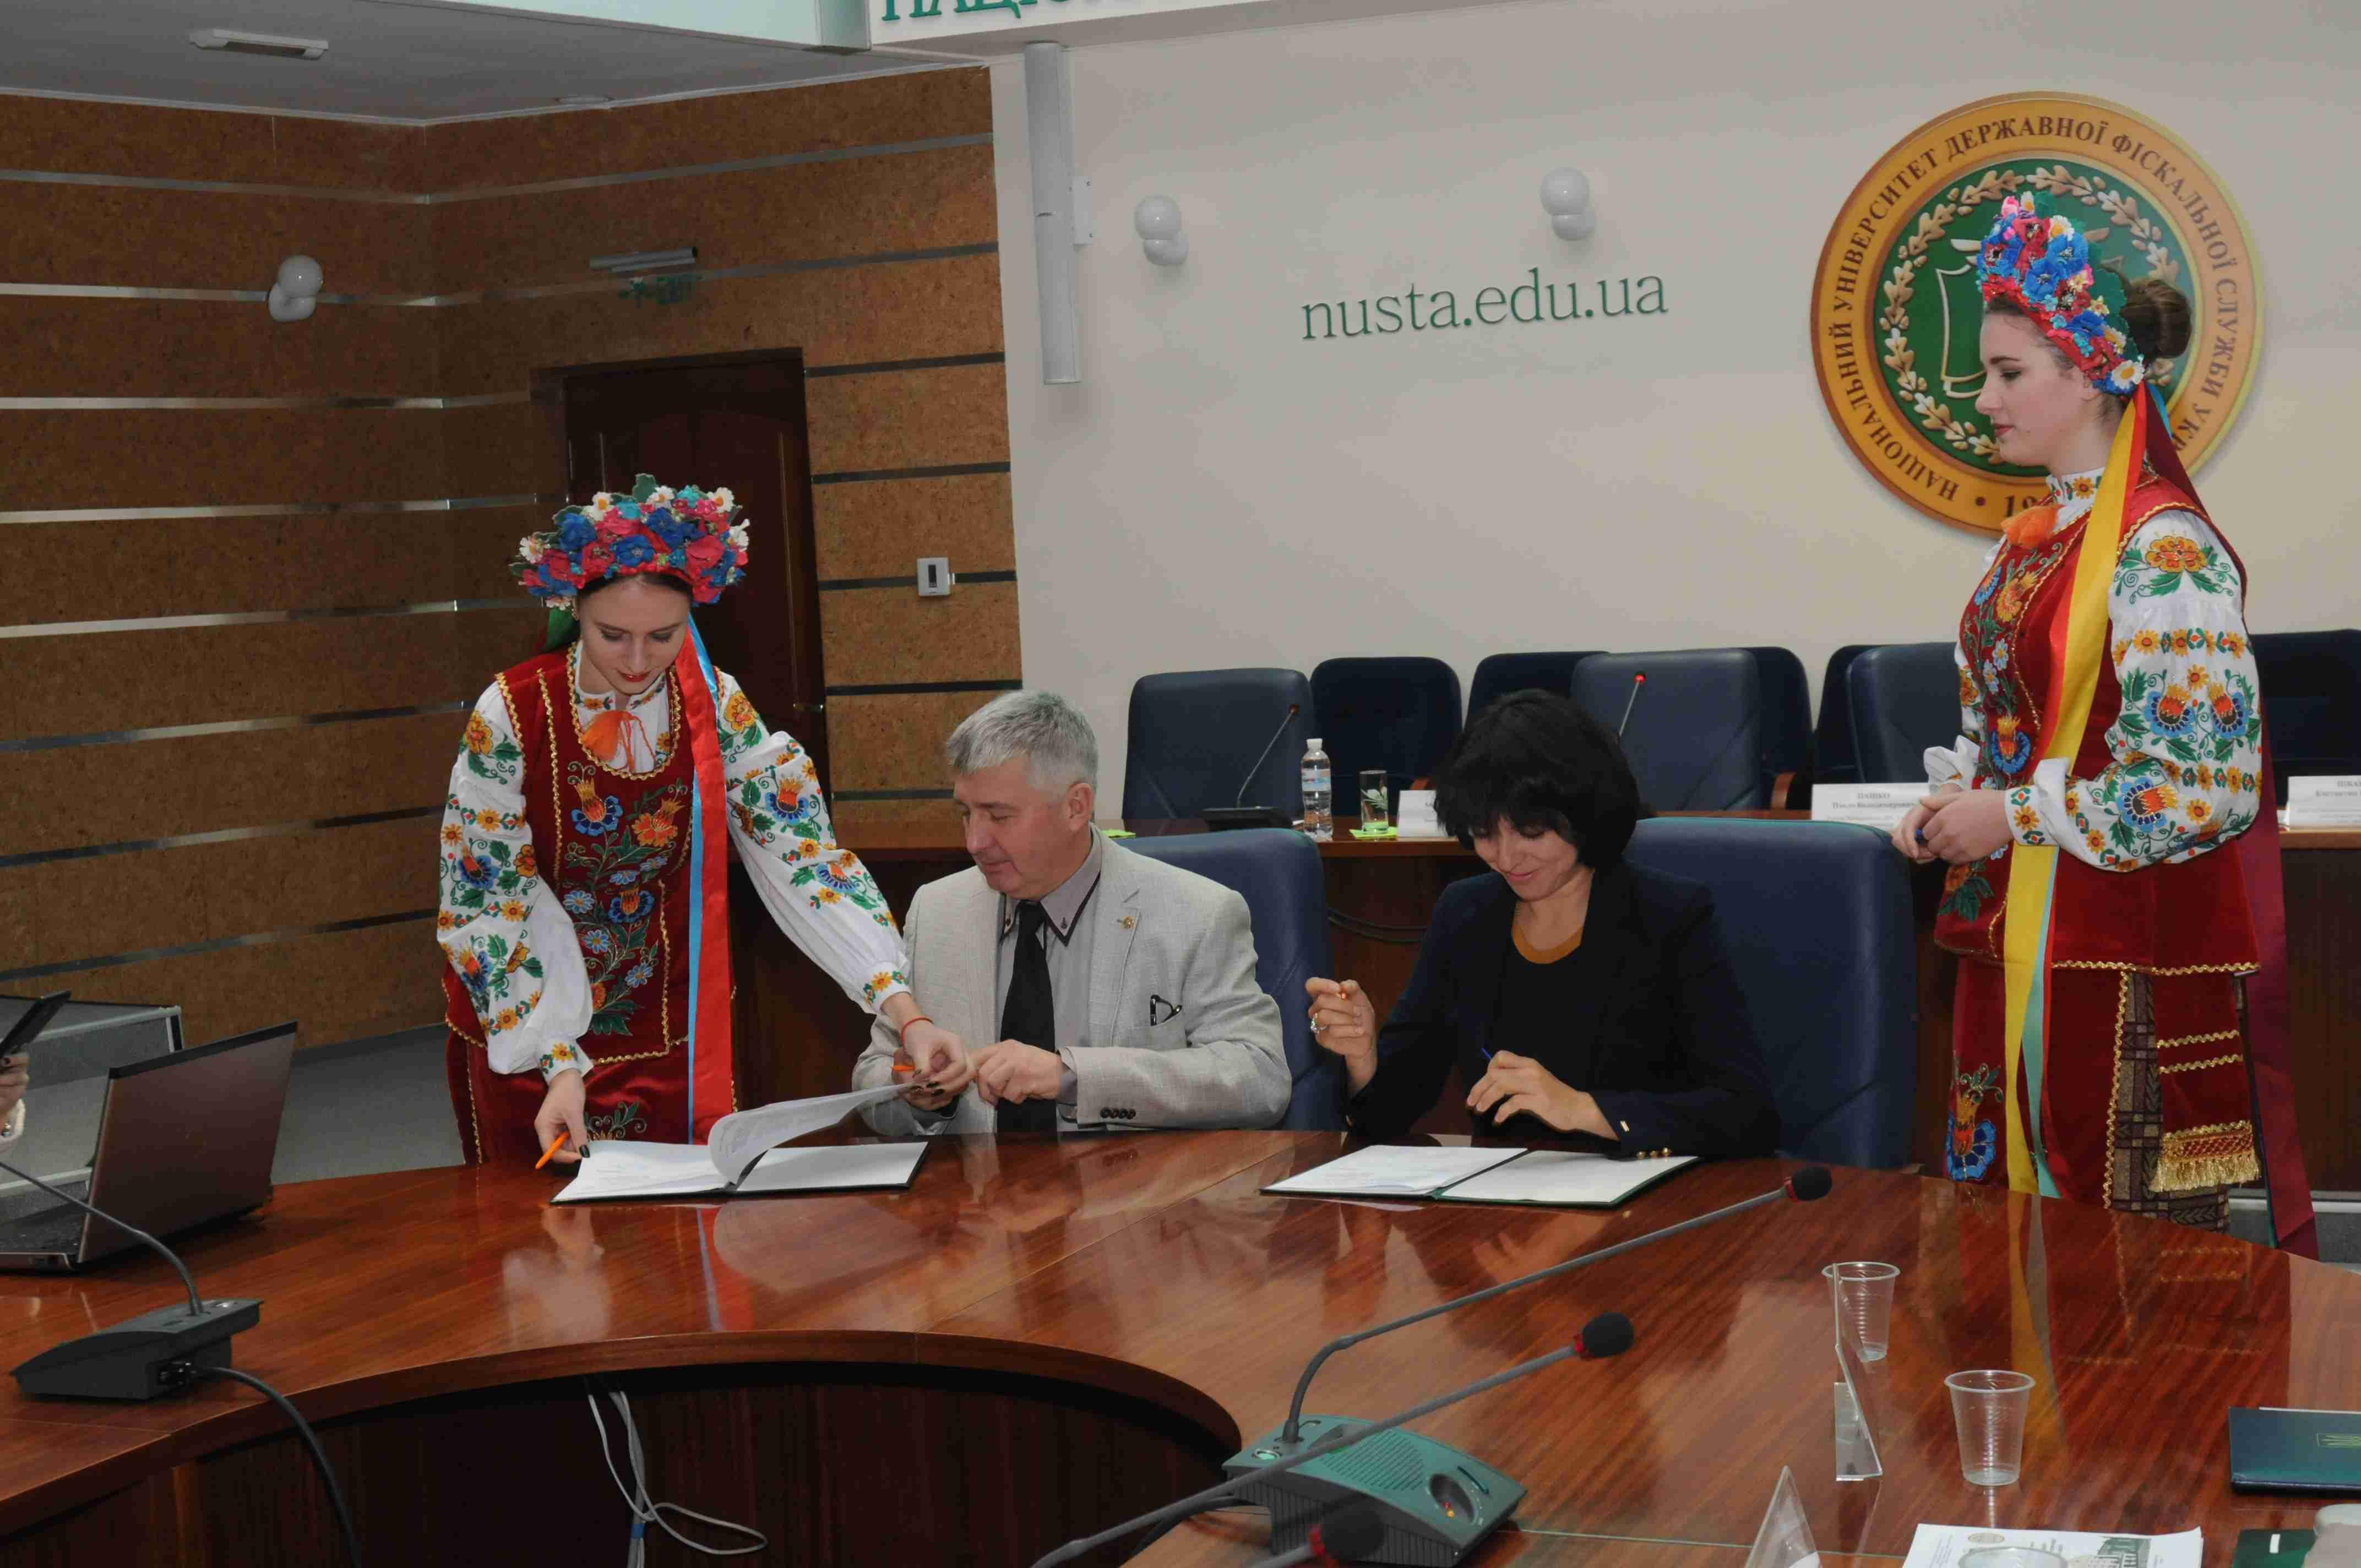 Університет та Європейська Бізнес Асоціація підписали меморандум про співпрацю